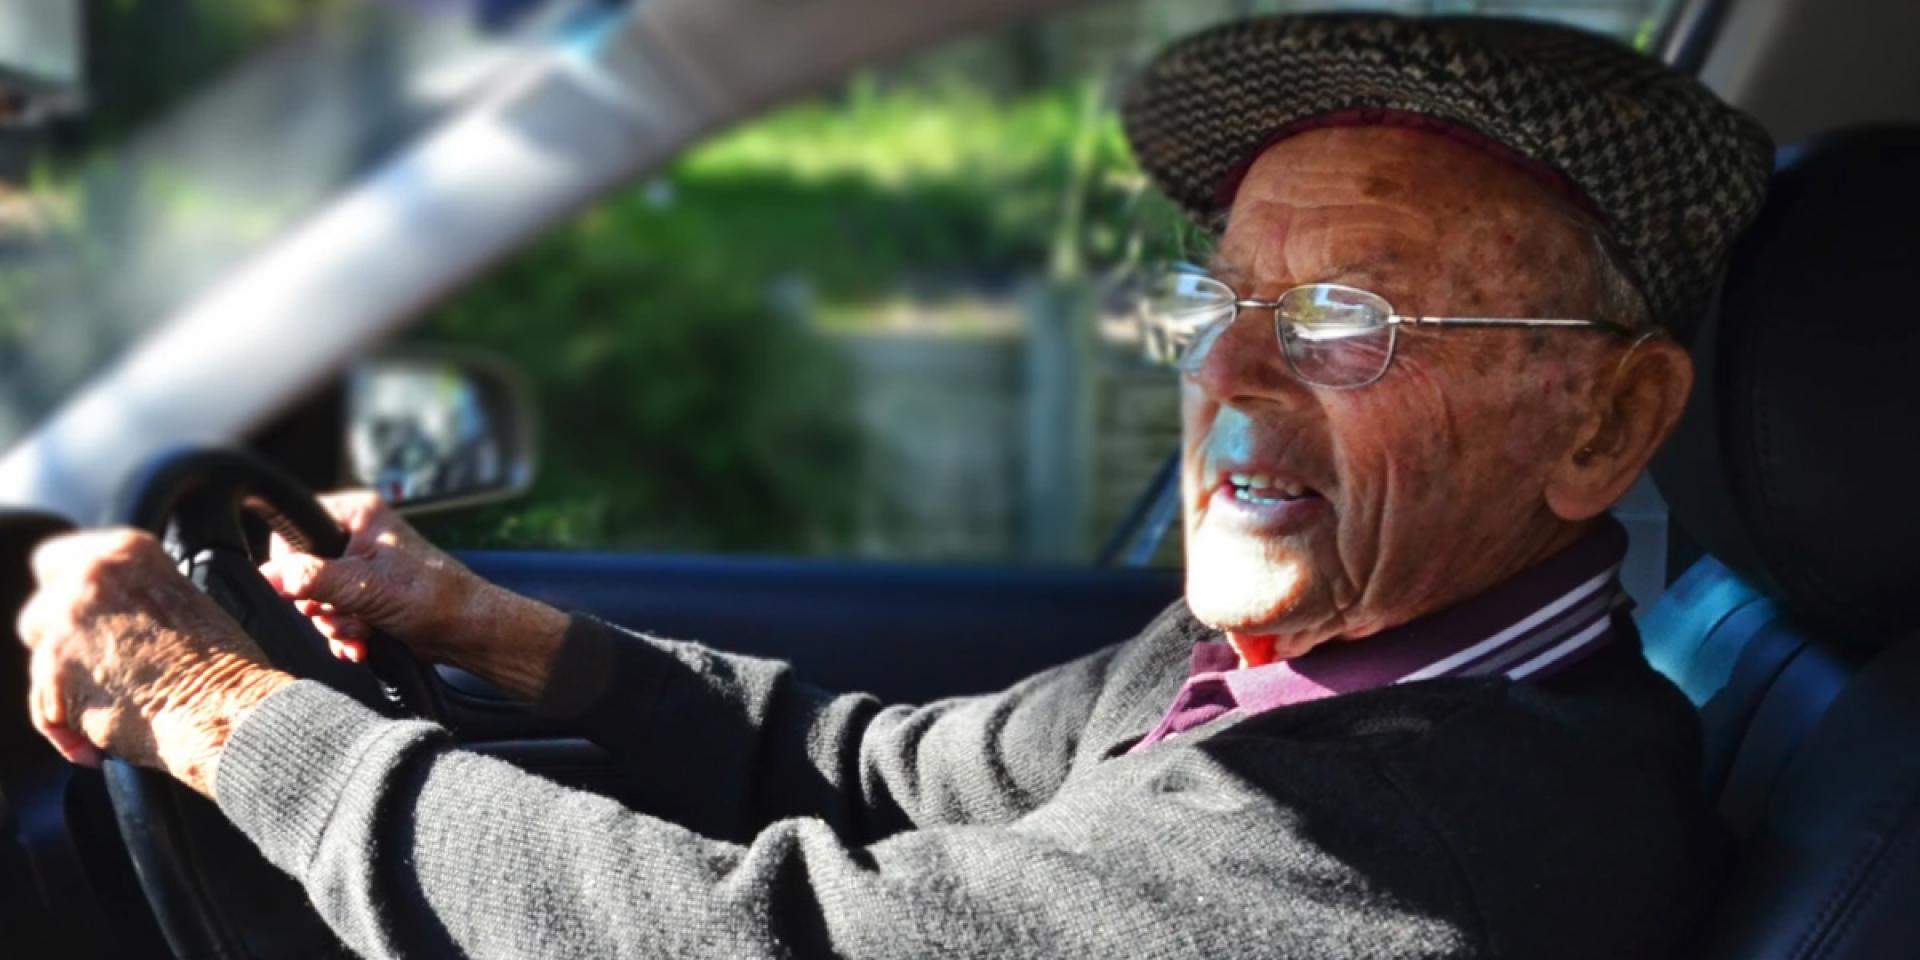 """老司機注意!美國研究發現,駕駛行為可以監測出""""失智症""""早期徵狀"""